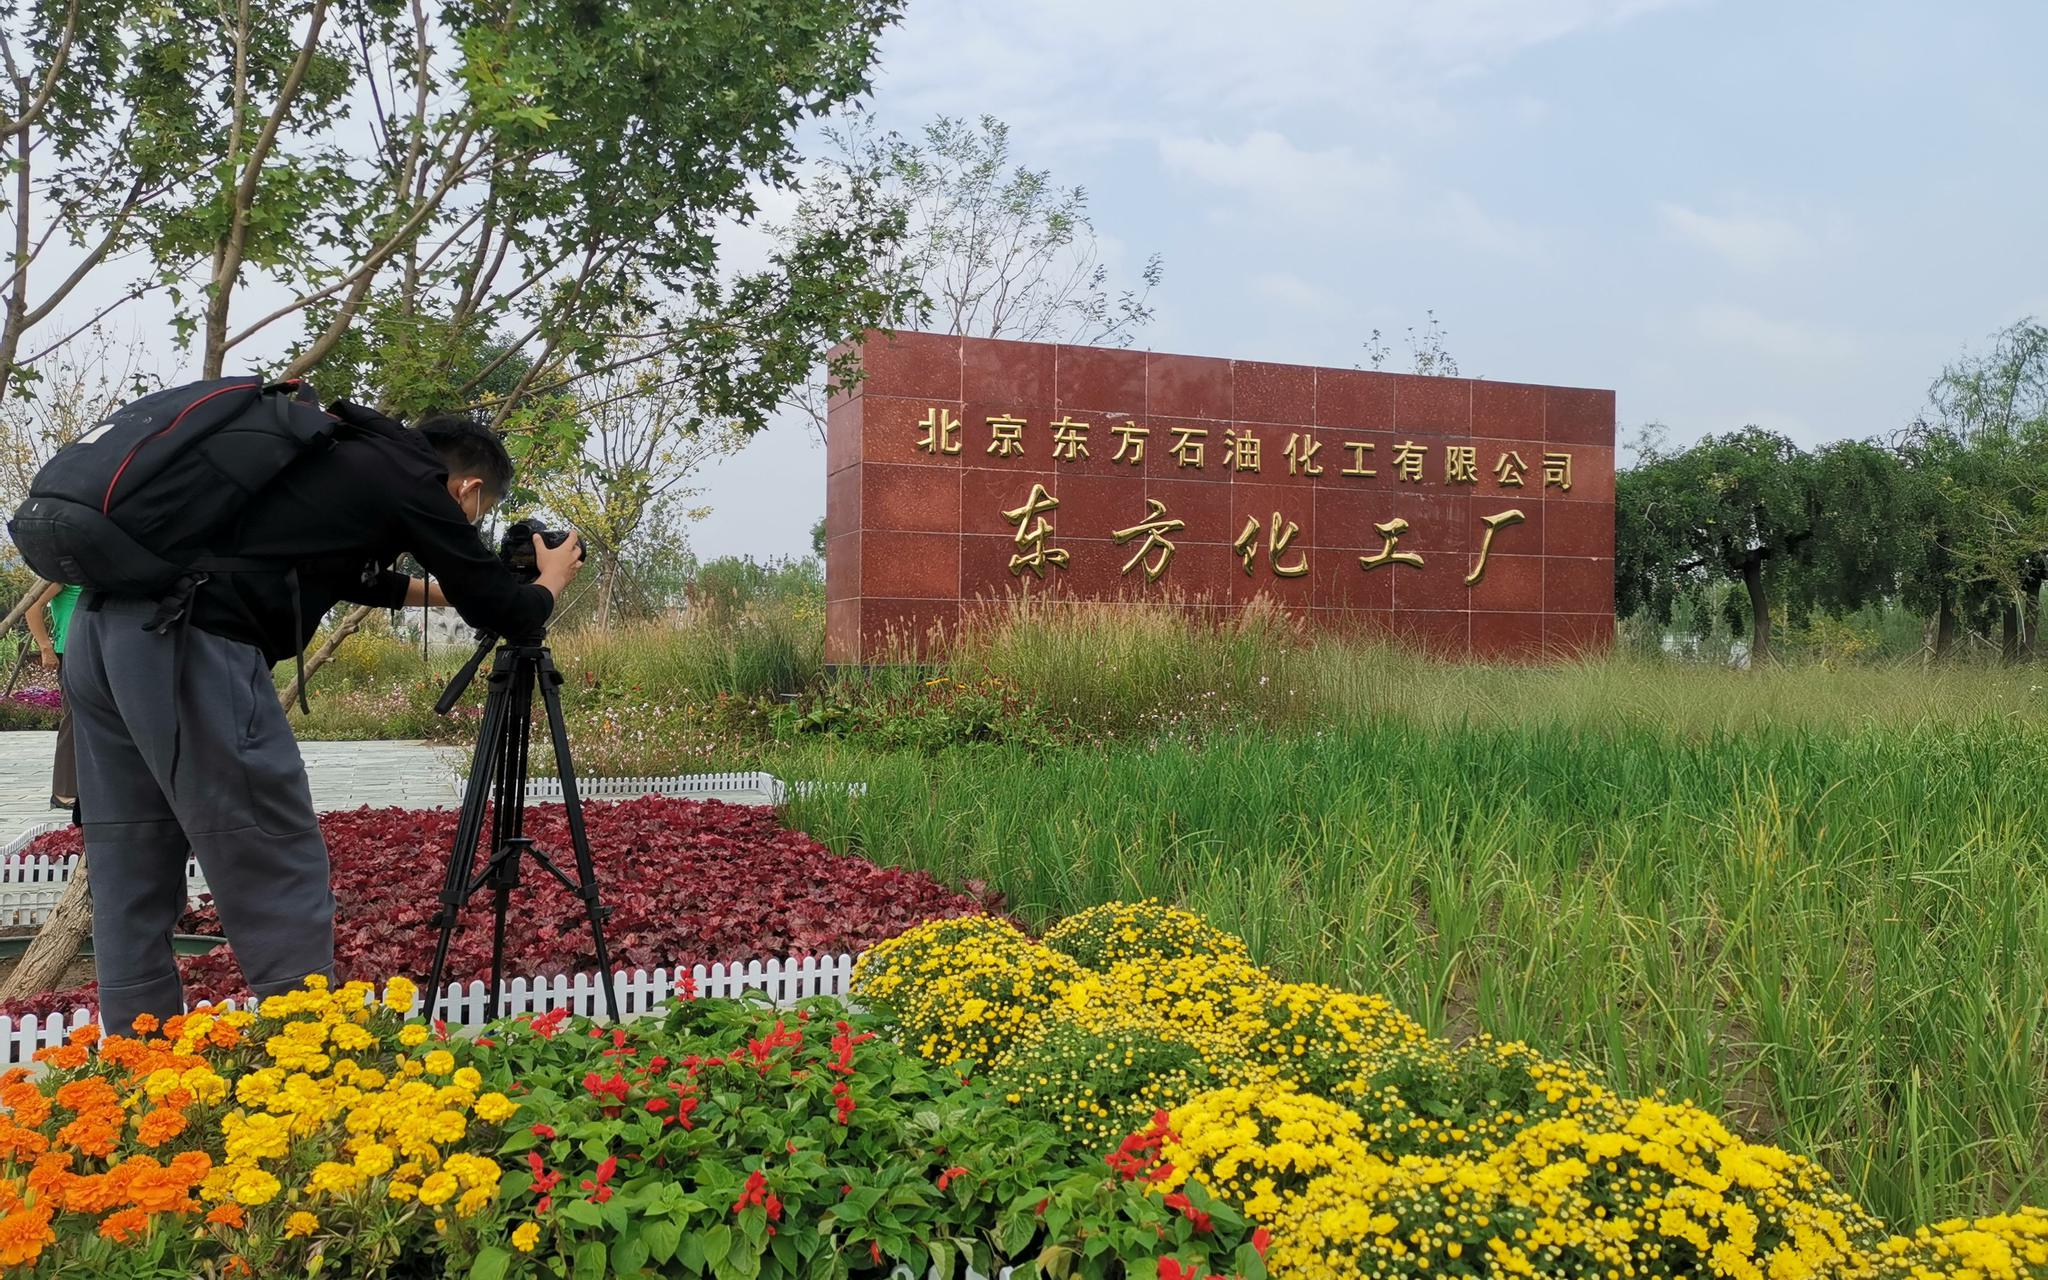 东方化工场旧厂区标识墙作为产业遗存被保存下来。 记京报新者 张璐。 摄